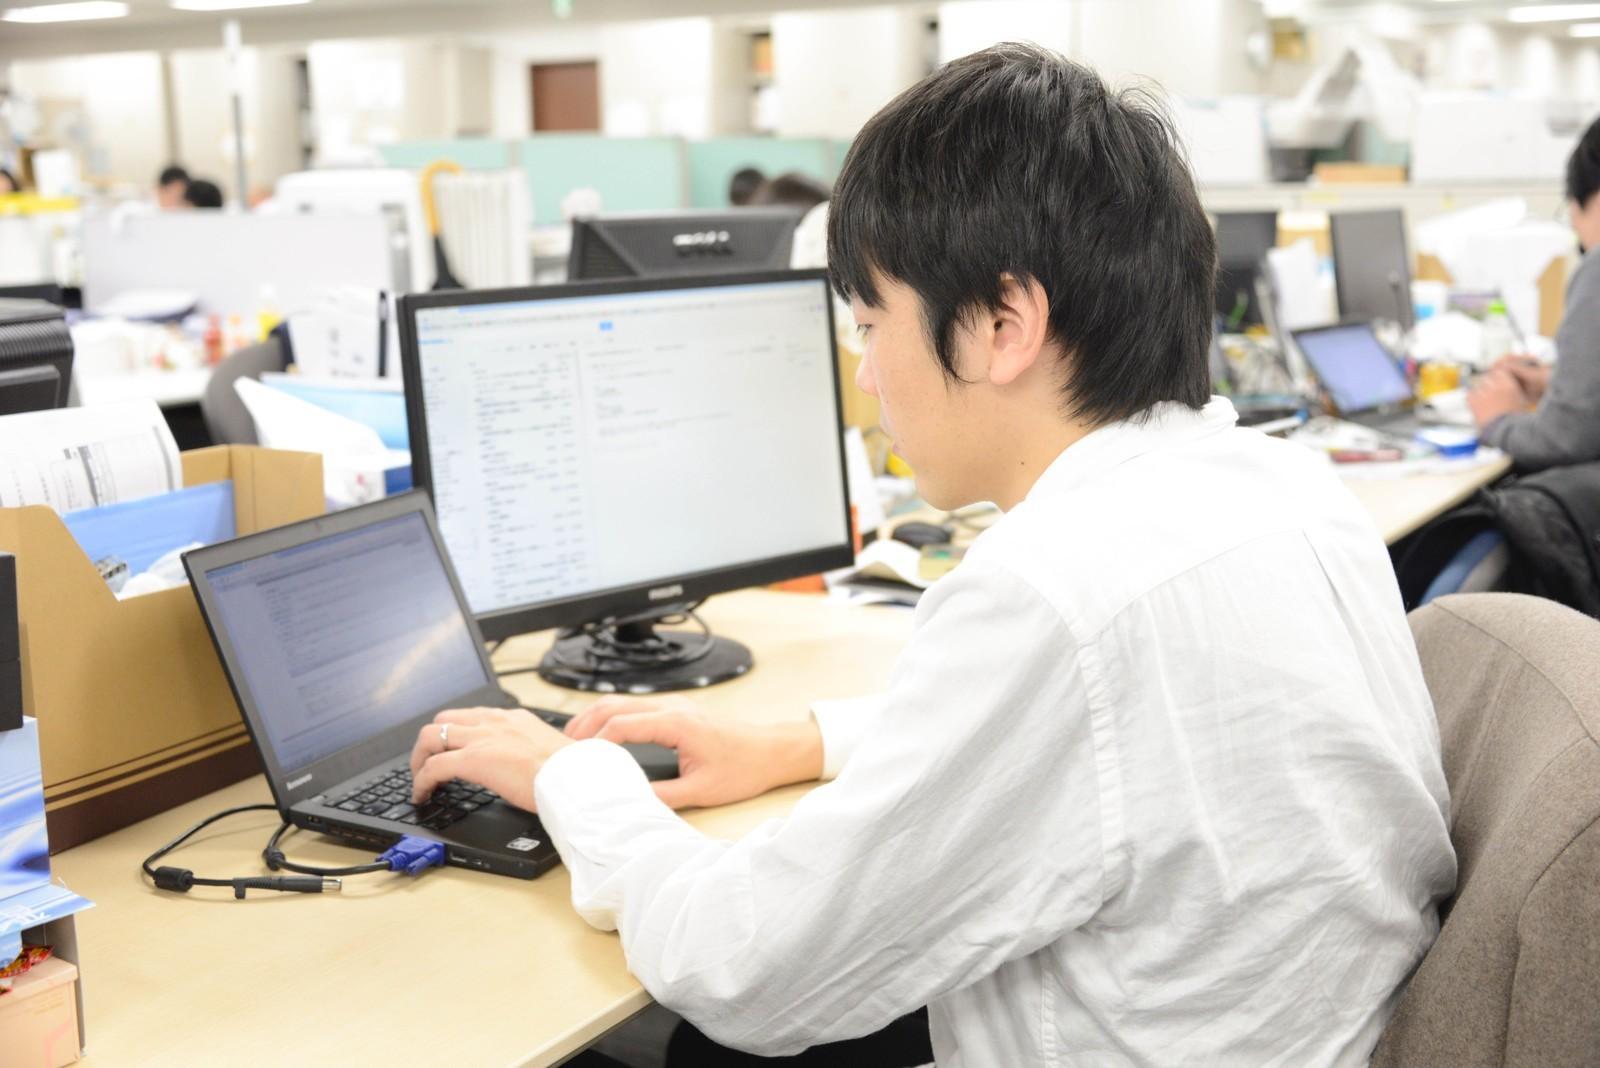 ロボティクス領域でも認知を広げる営業支援ツール「eセールスマネージャー」を開発する Javaエンジニアを募集!